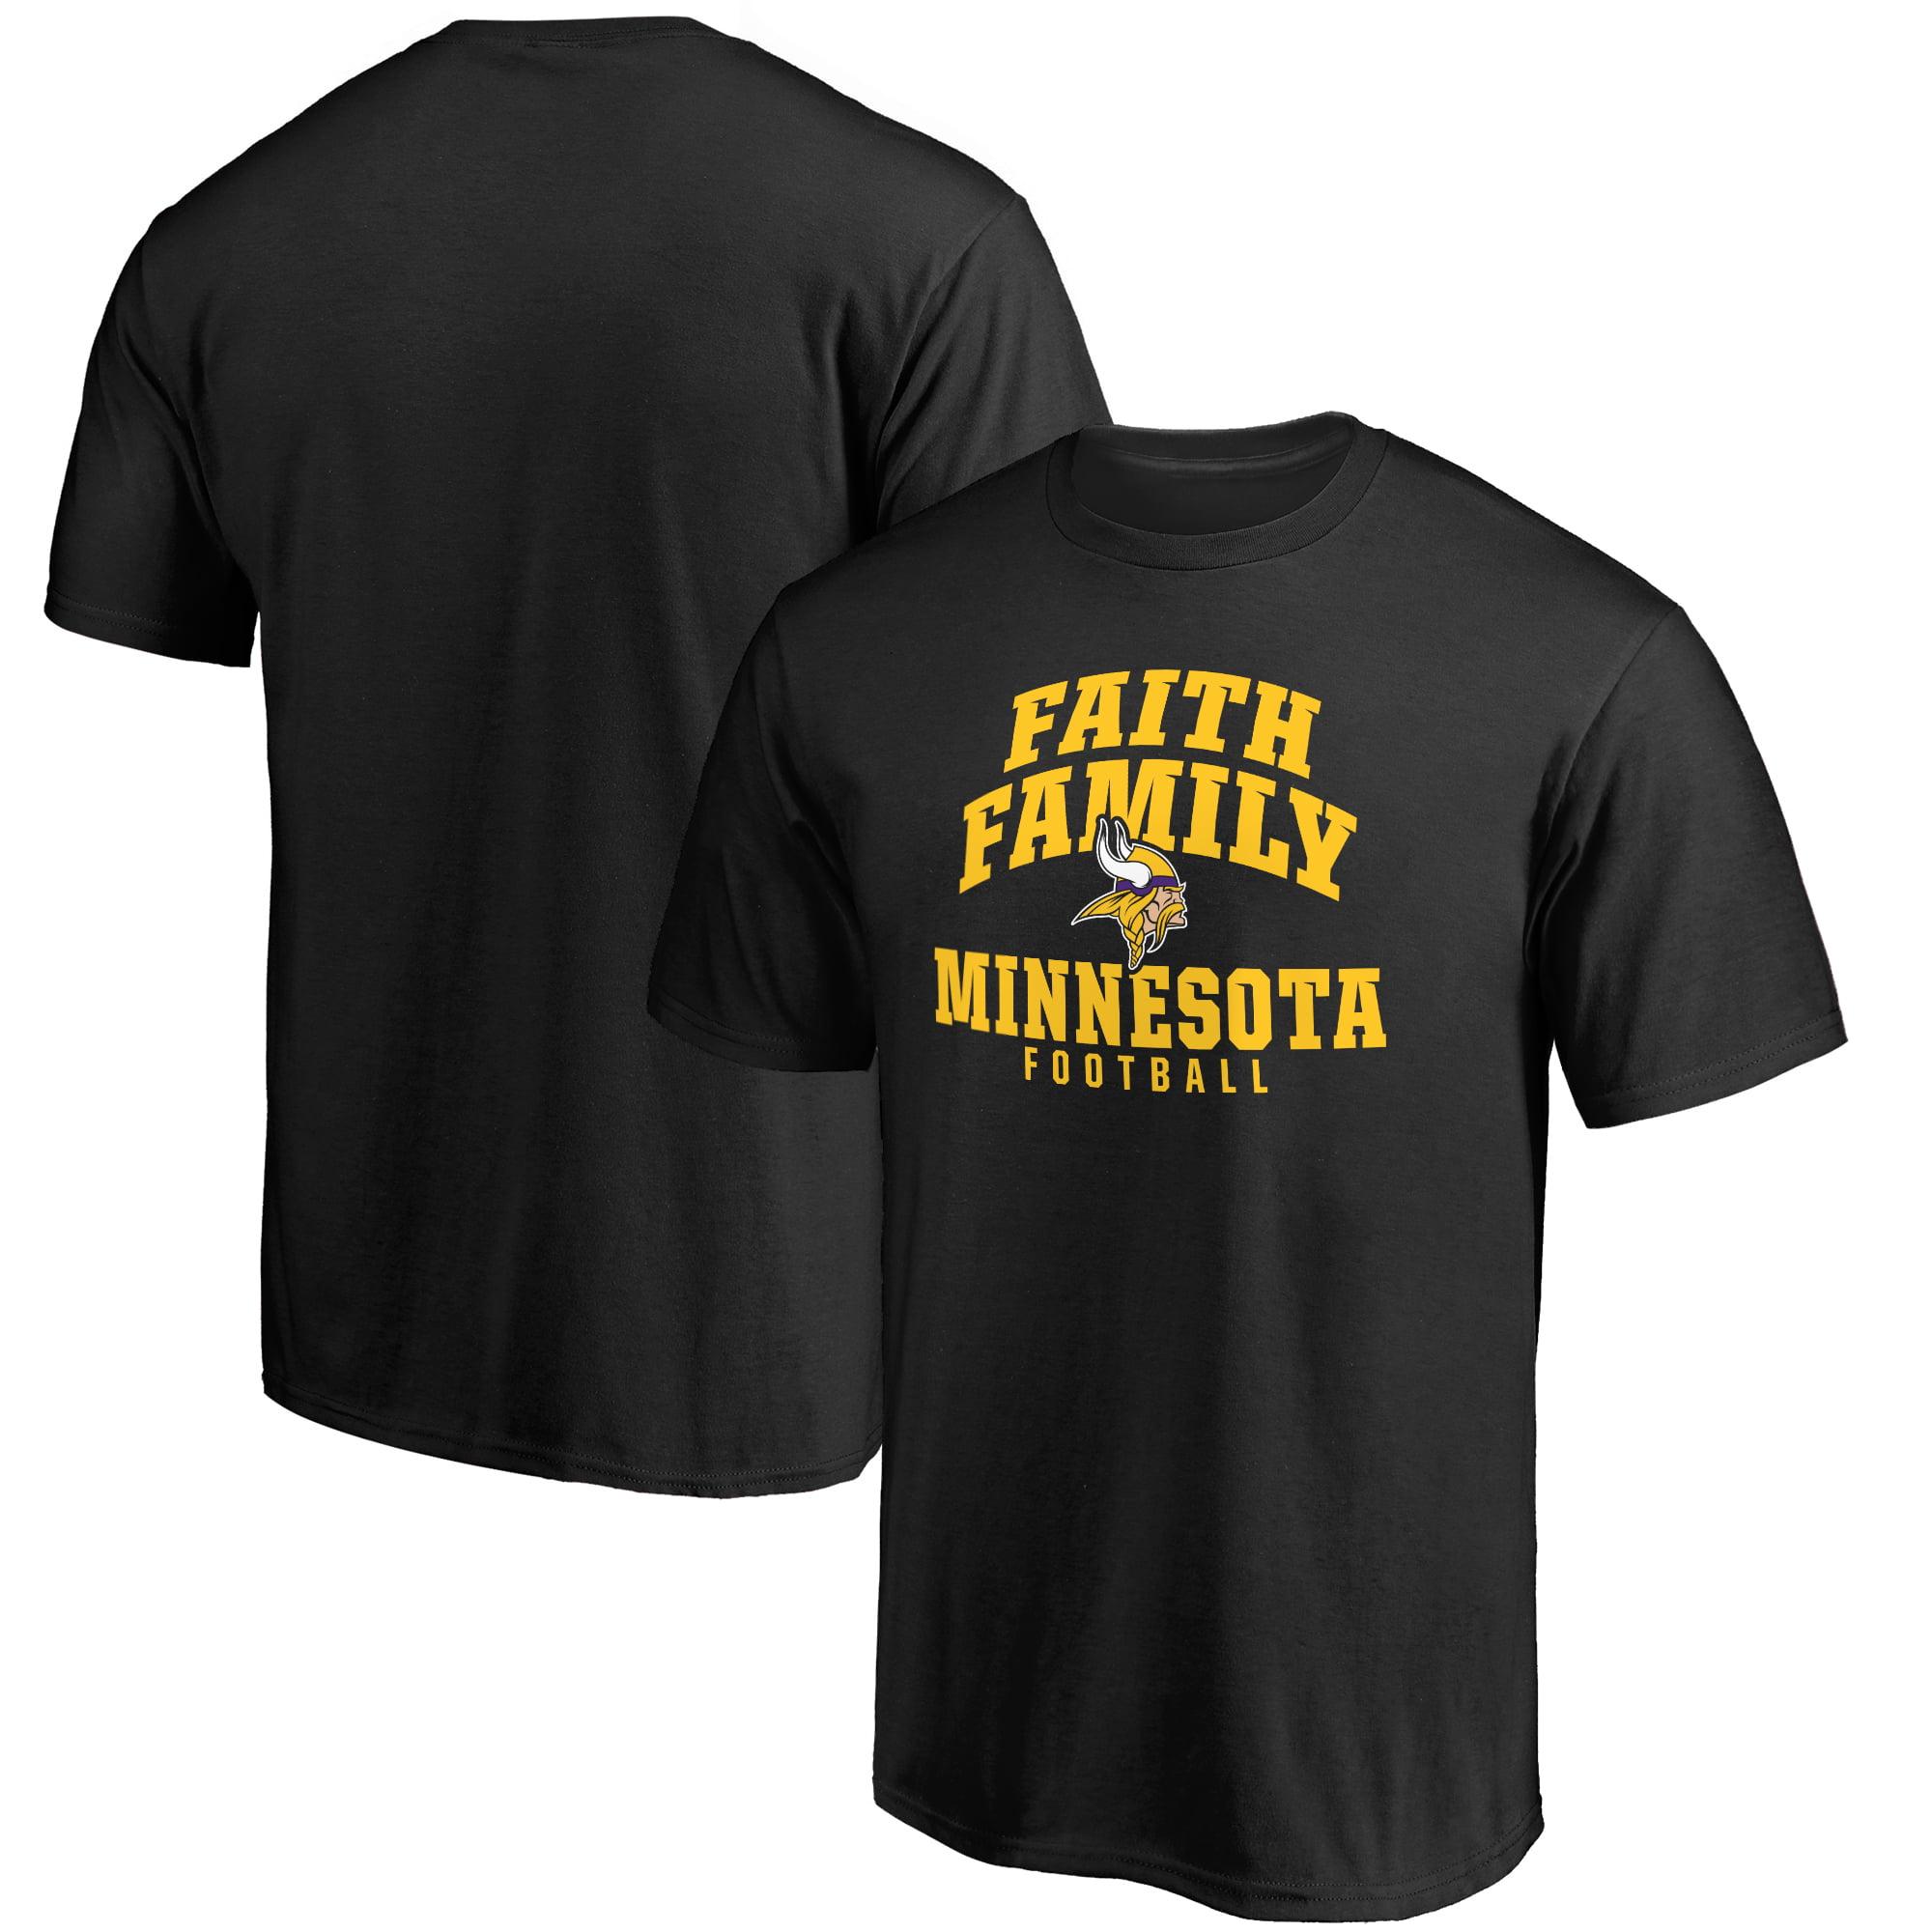 Minnesota Vikings NFL Pro Line Faith Family T-Shirt - Black